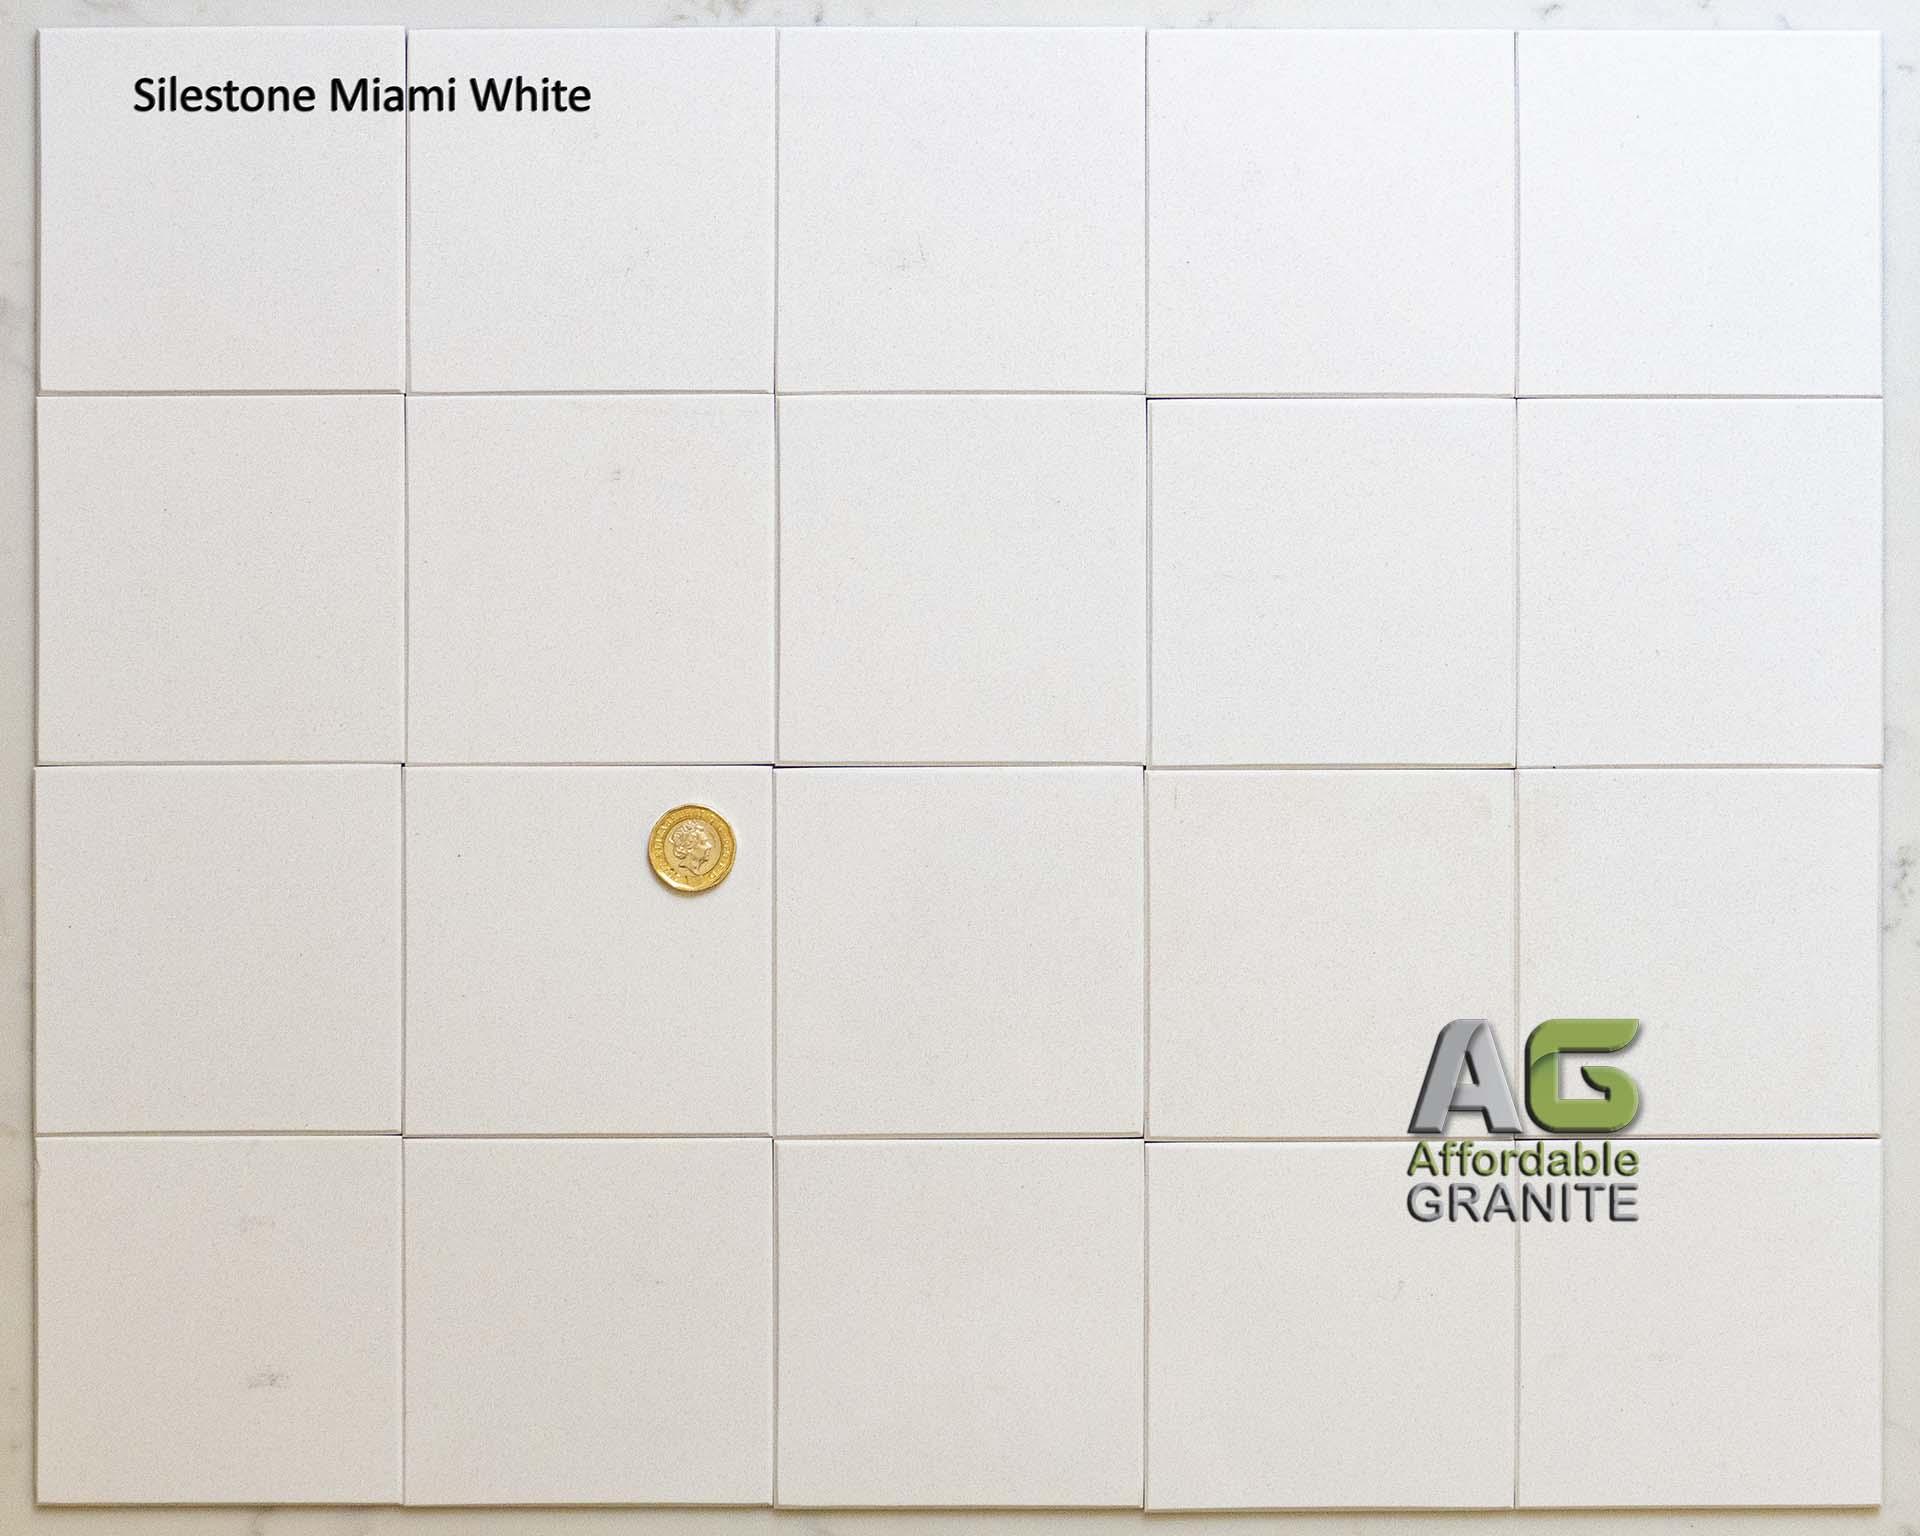 small sparkles Silestone Miami white redw